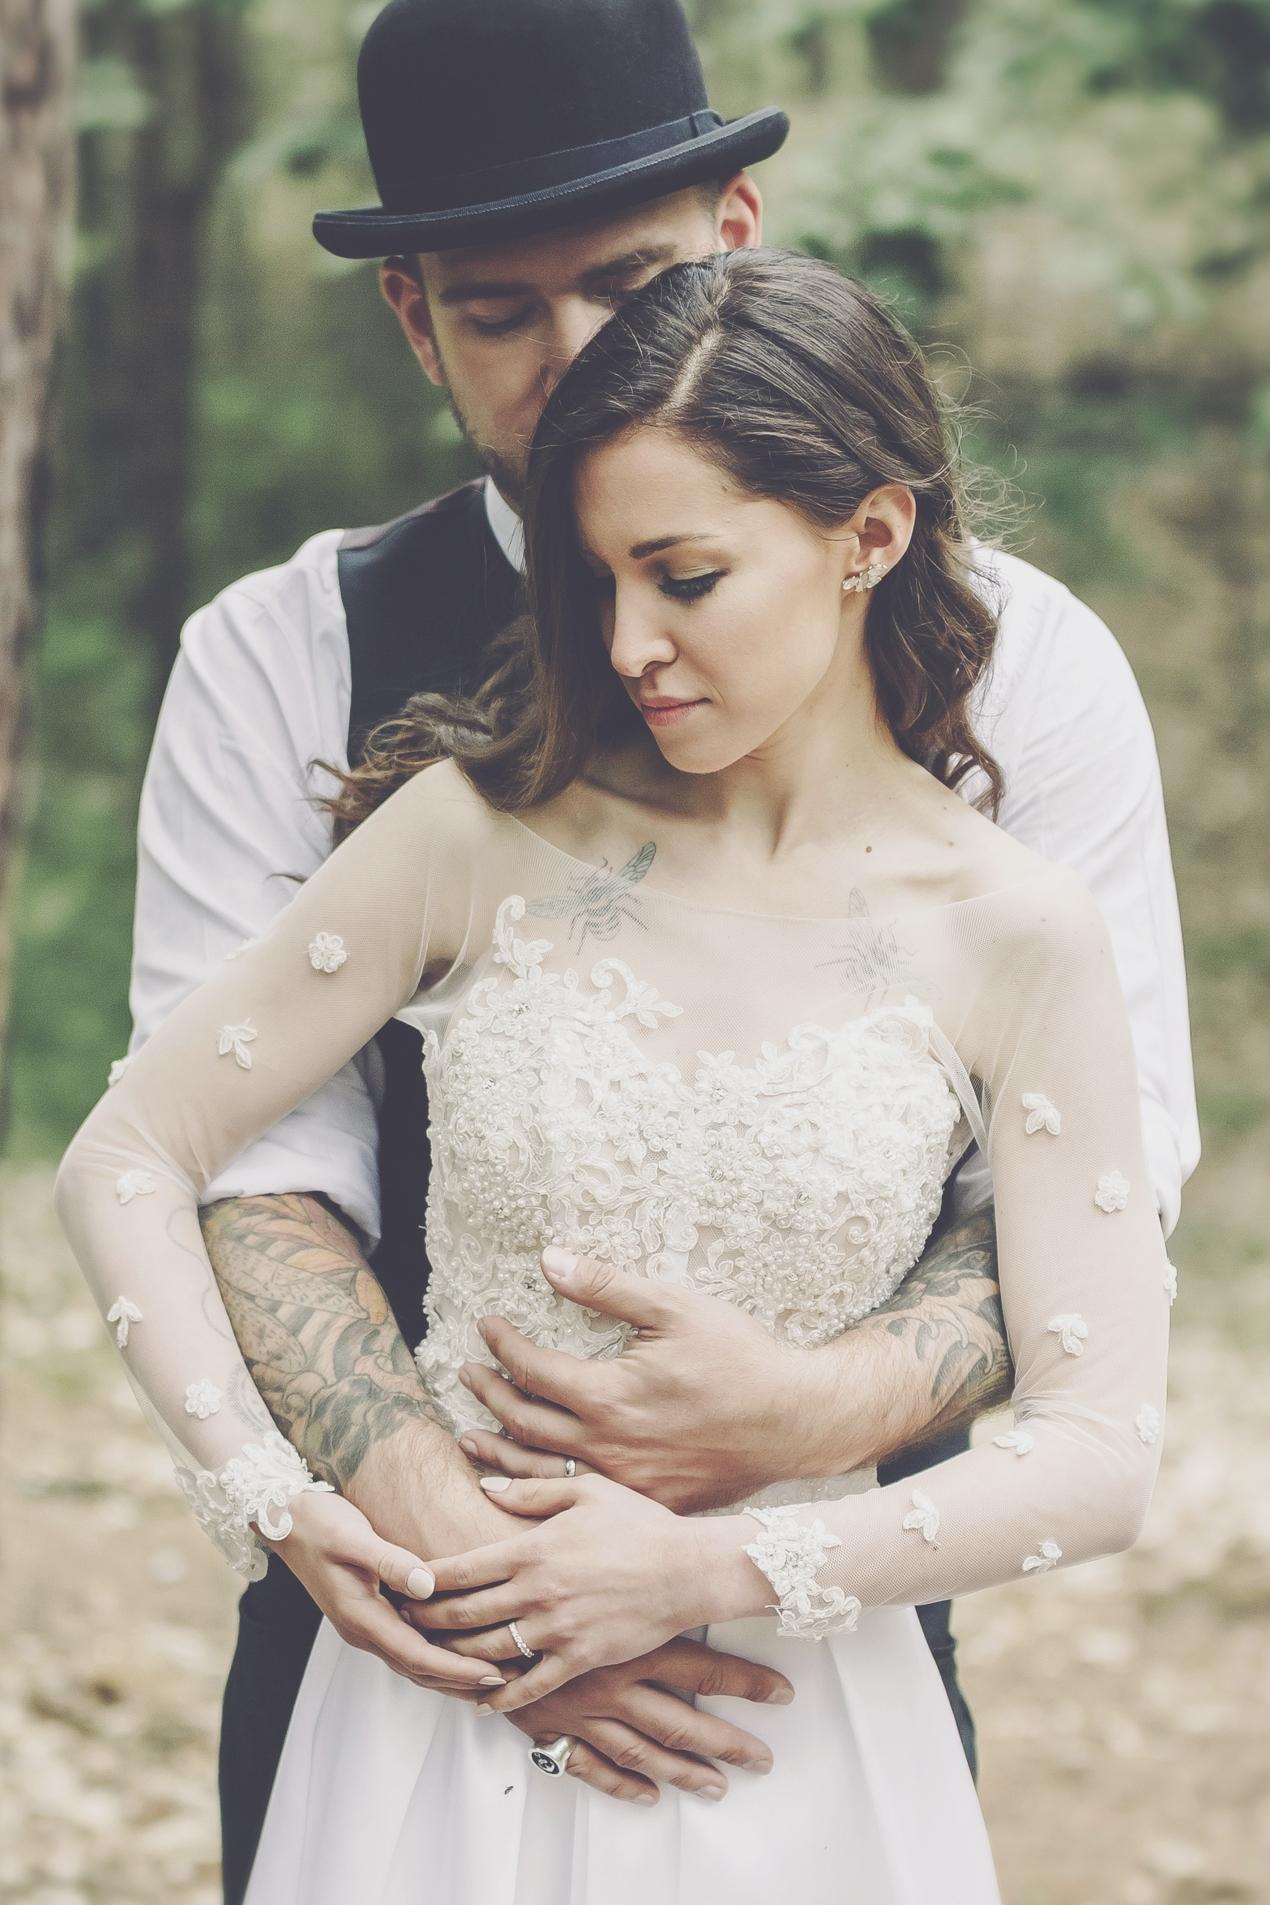 fotograf ślubny dolny śląsk, fotografia ślubna, fotograf ślubny, zdjęcia ślubne poznań, fotografia i film ślubny